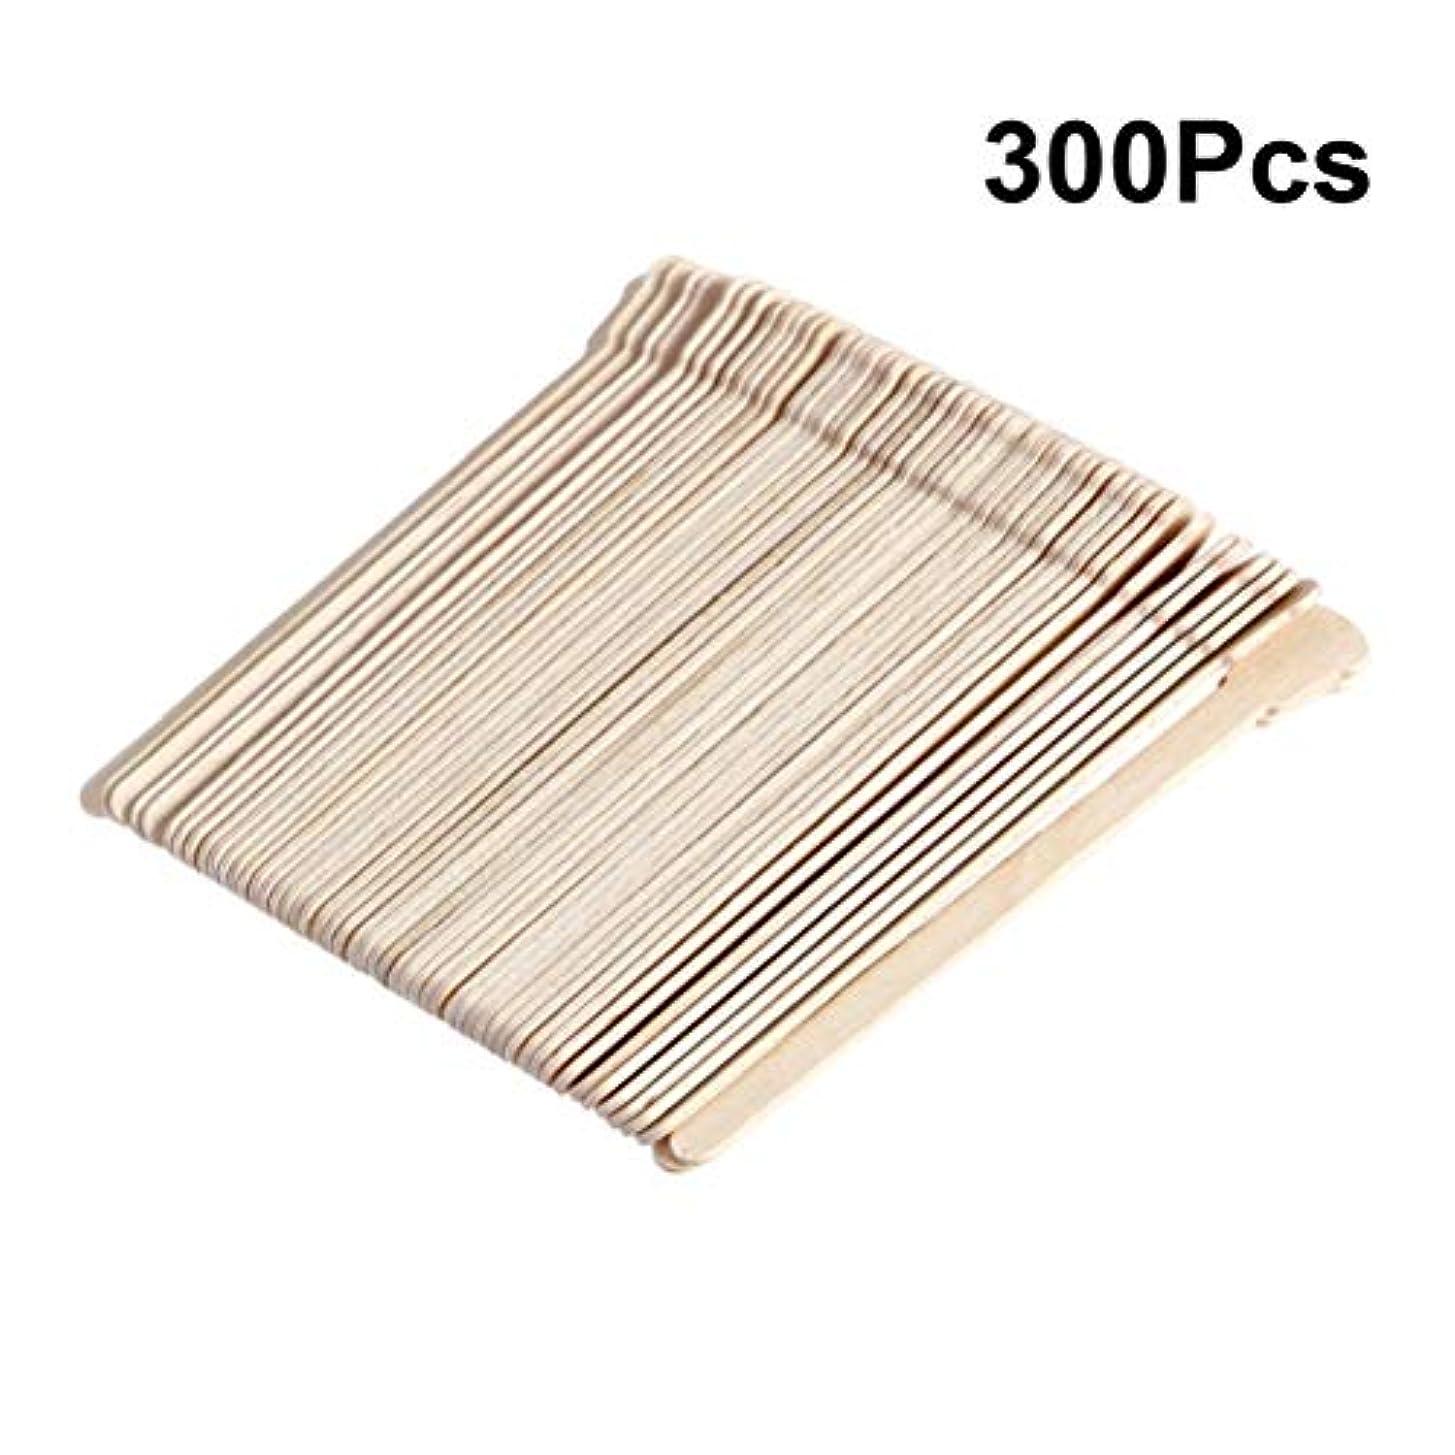 SUPVOX 300ピース木製ワックススティックフェイス眉毛ワックスへら脱毛(オリジナル木製色)